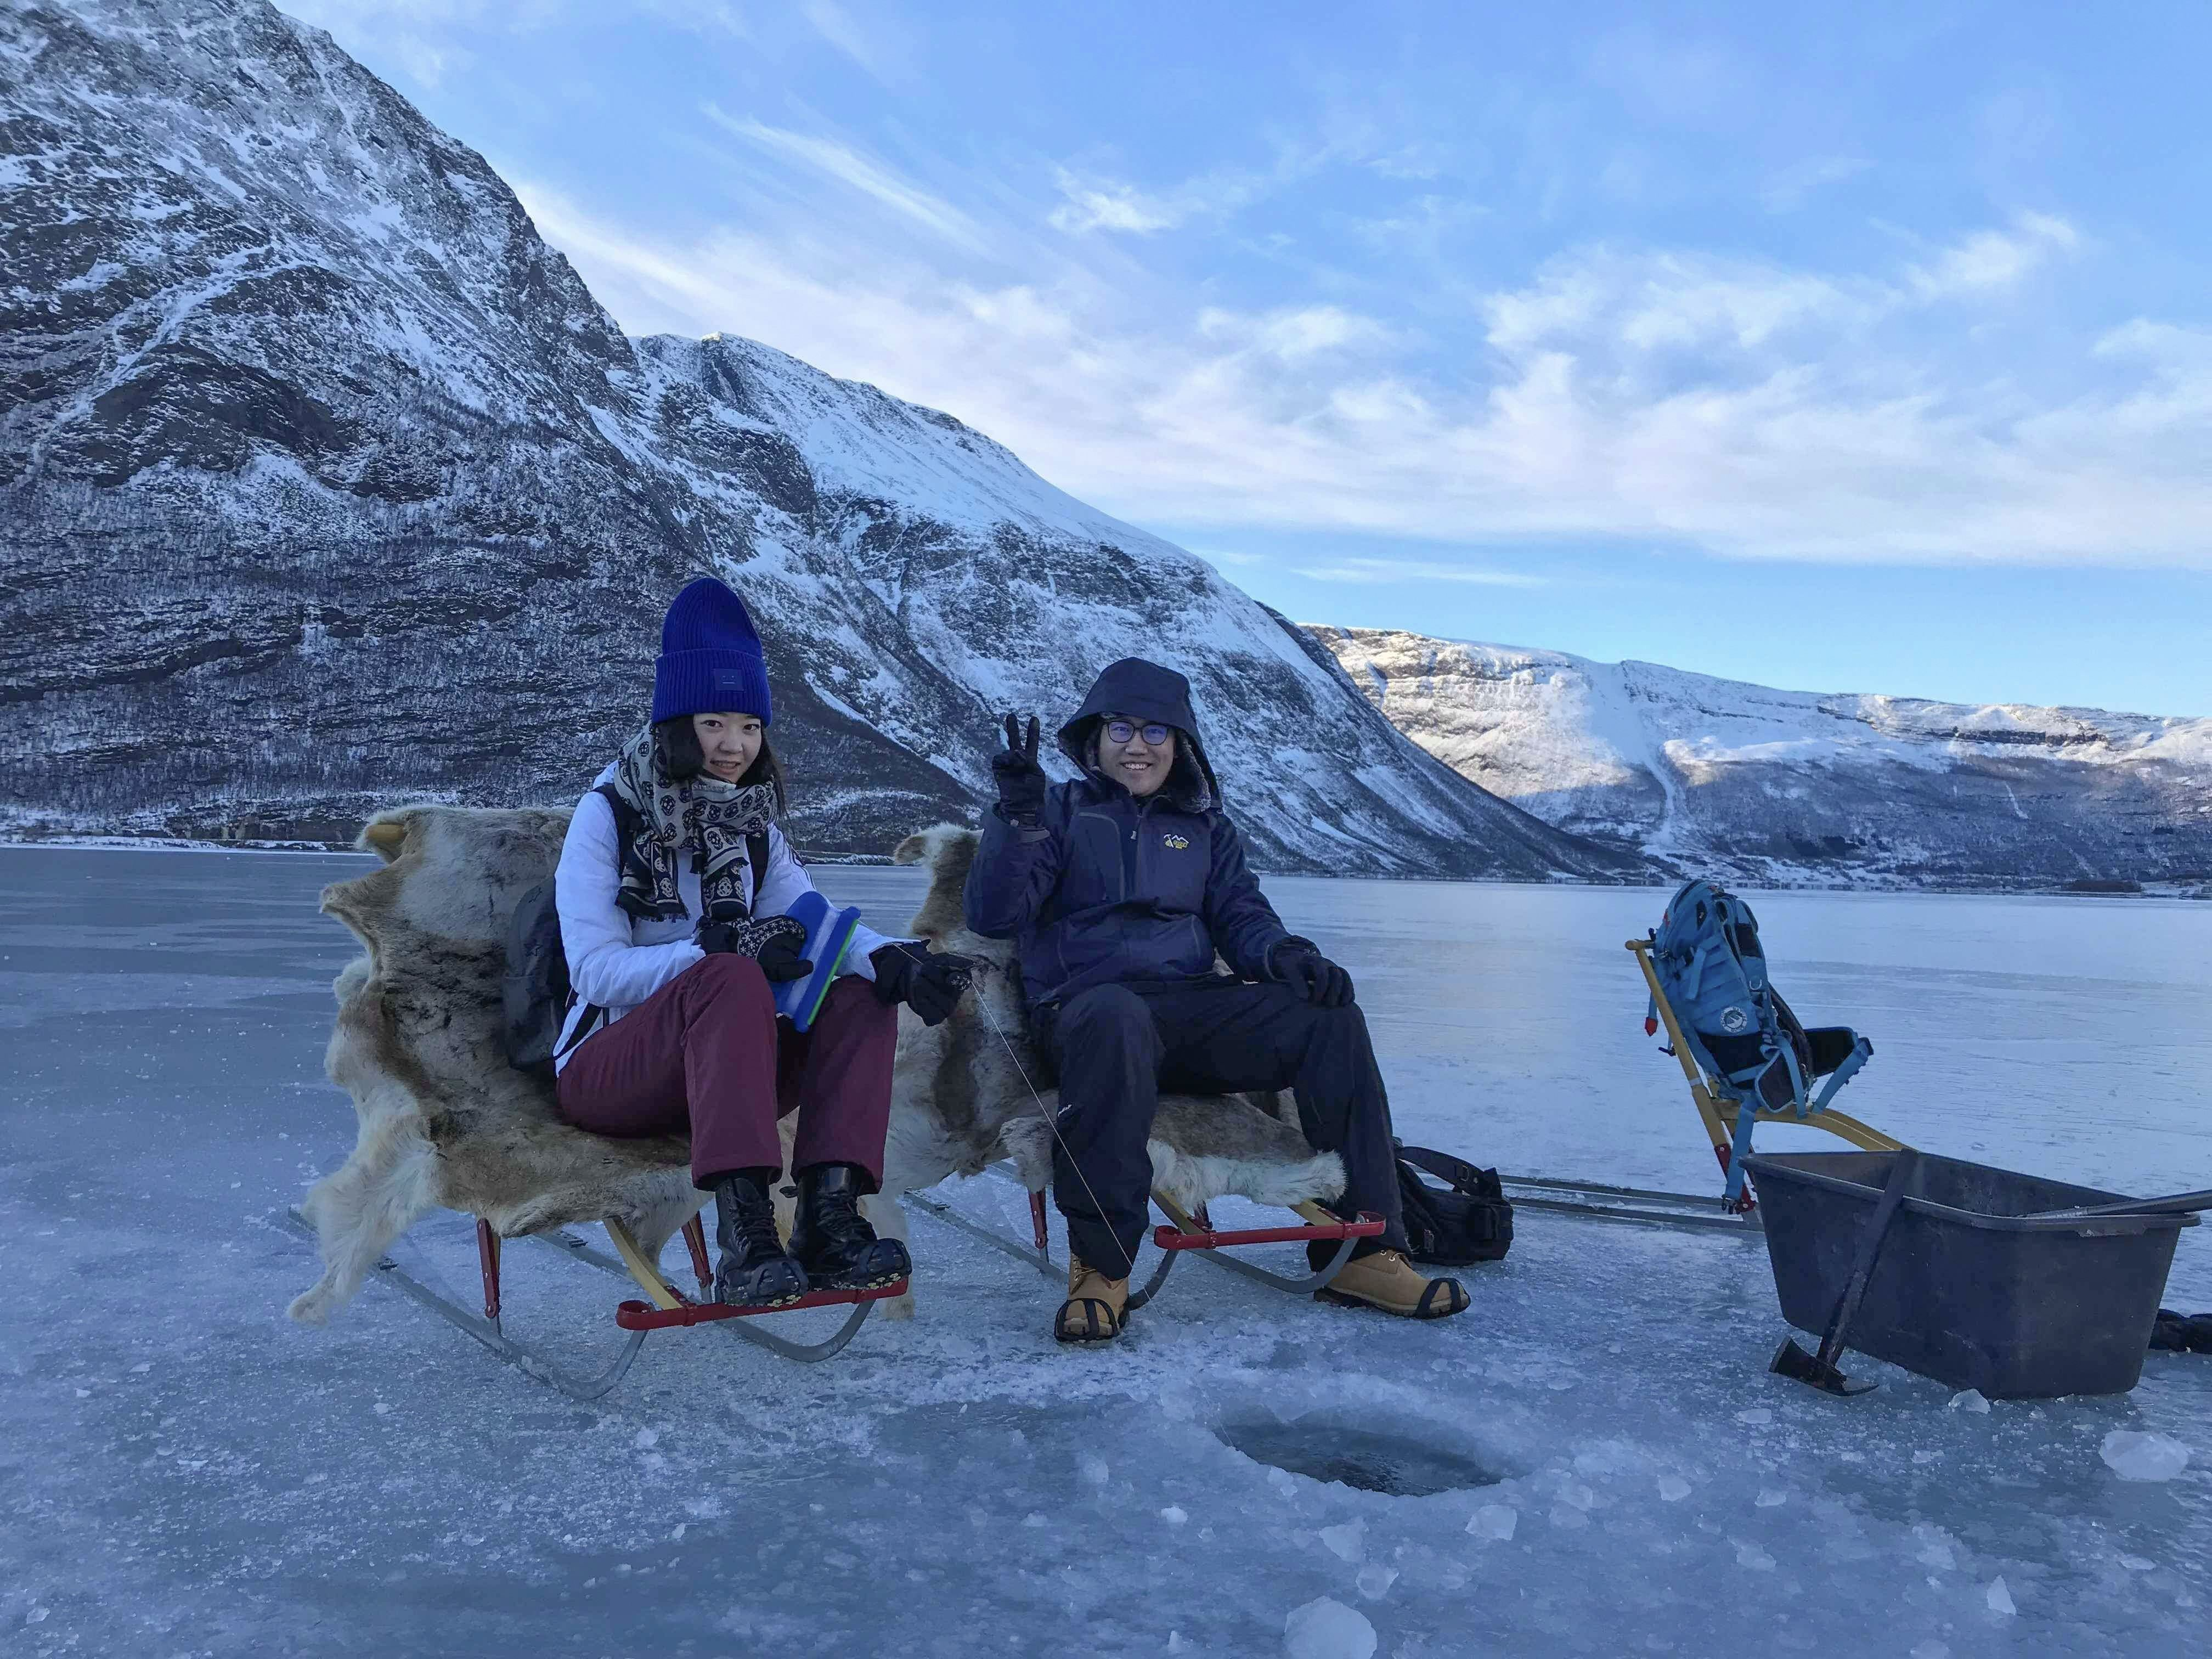 Eisangeln und Schneeschuhtour auf dem Lyngenfjord